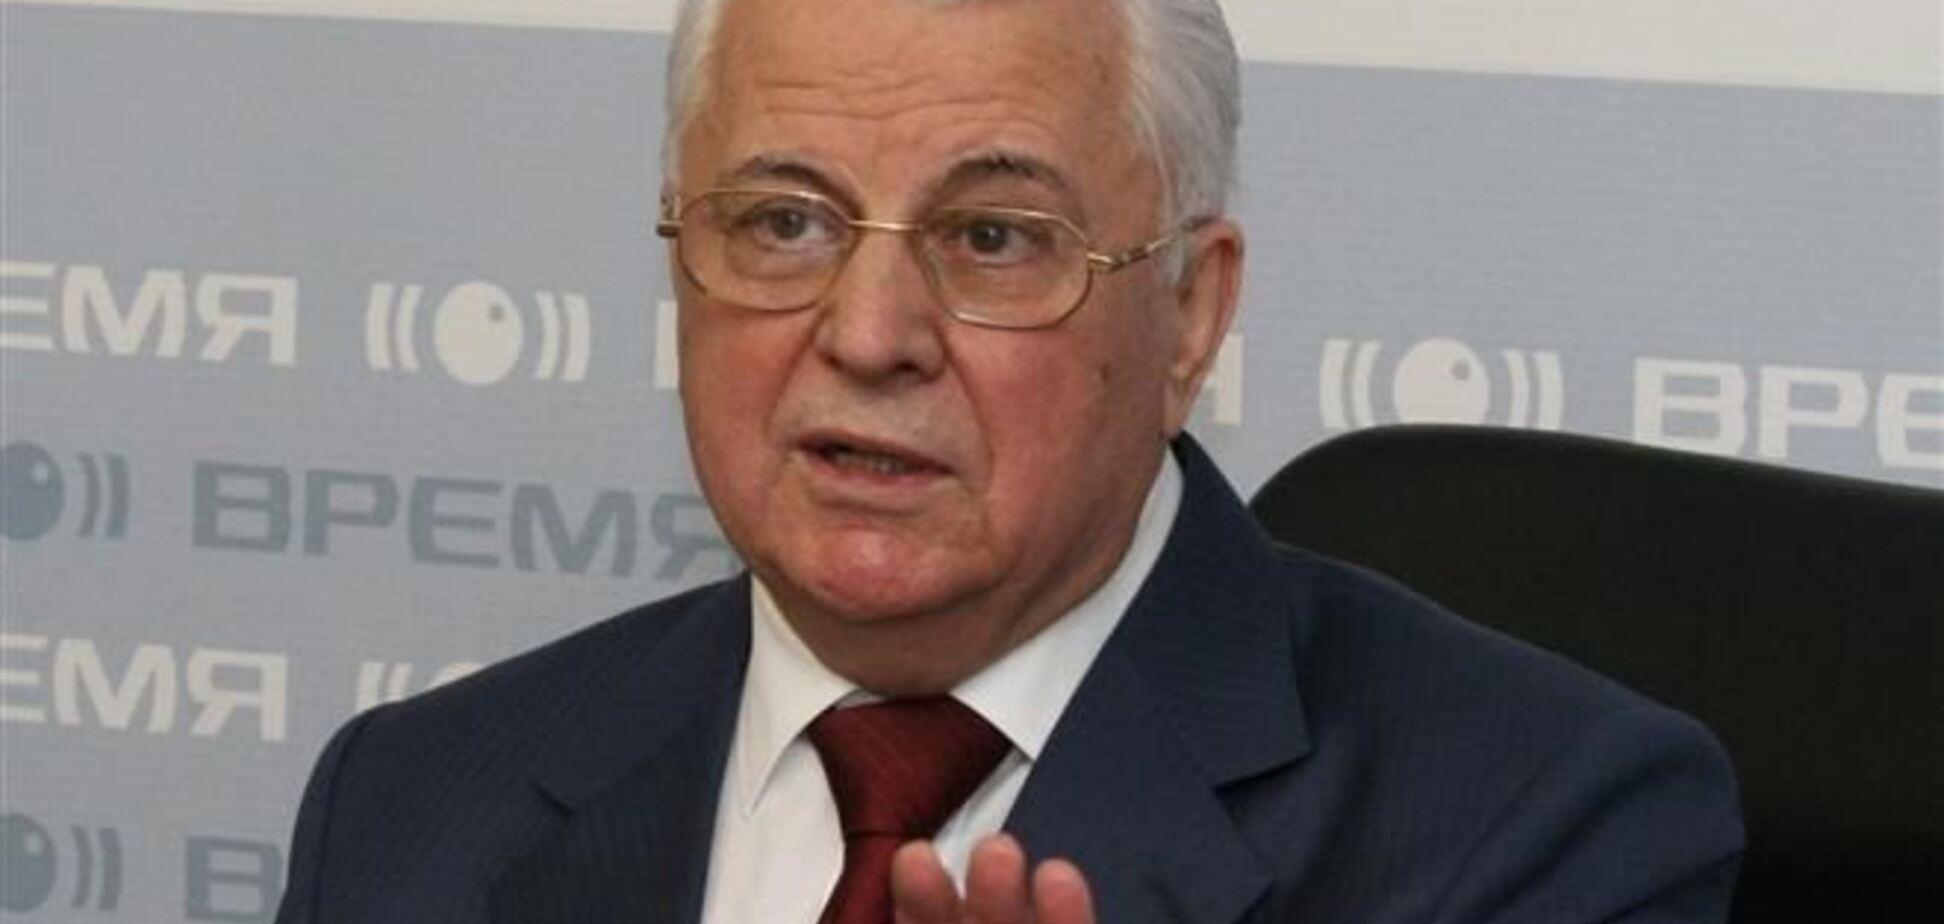 Леонід Кравчук: На Майдані завдання не вирішуються. Вони там окреслюються